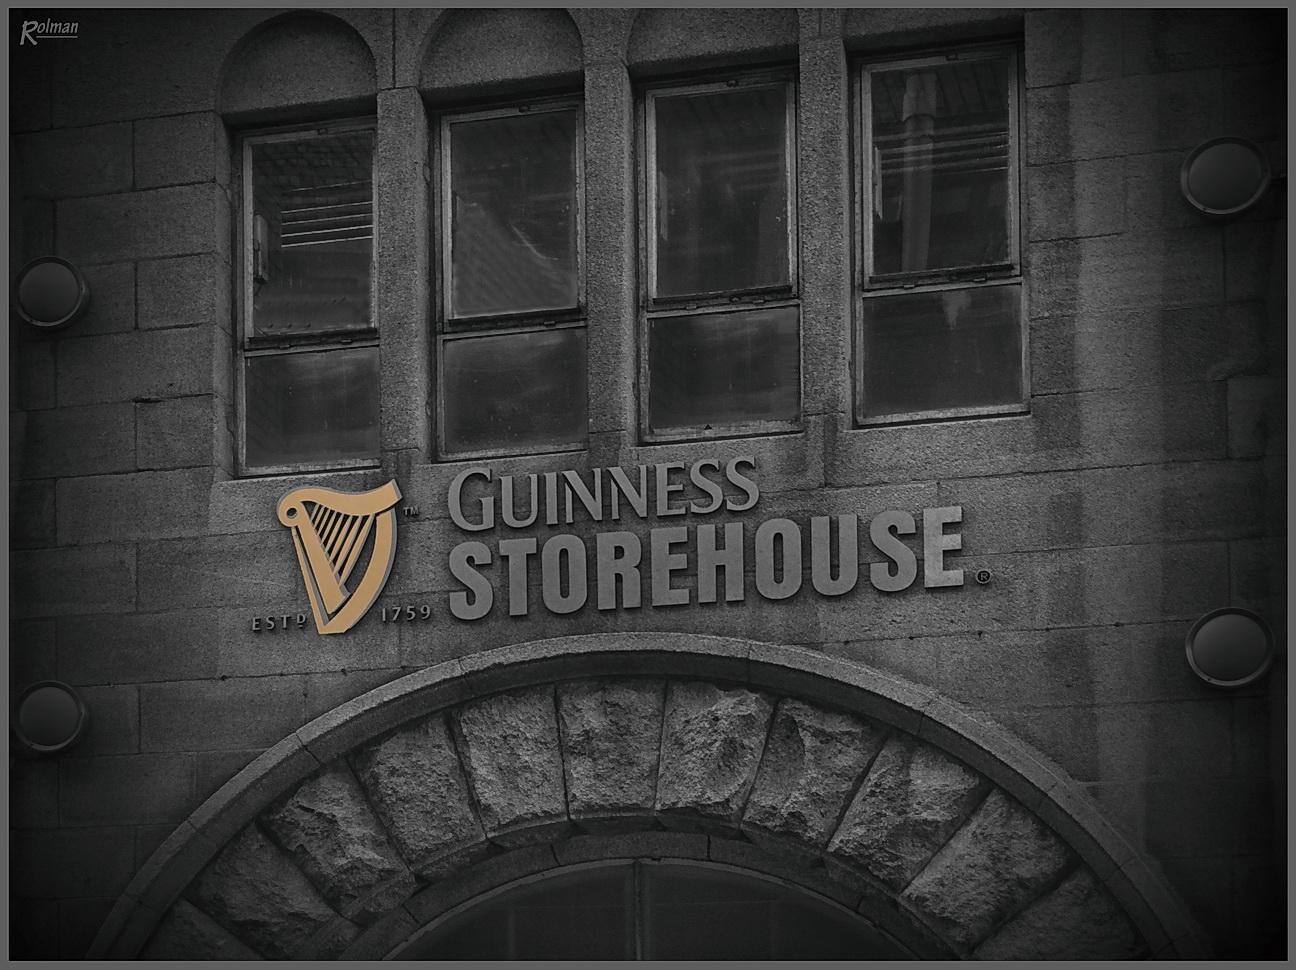 Guinness-Brauerei in Dublin